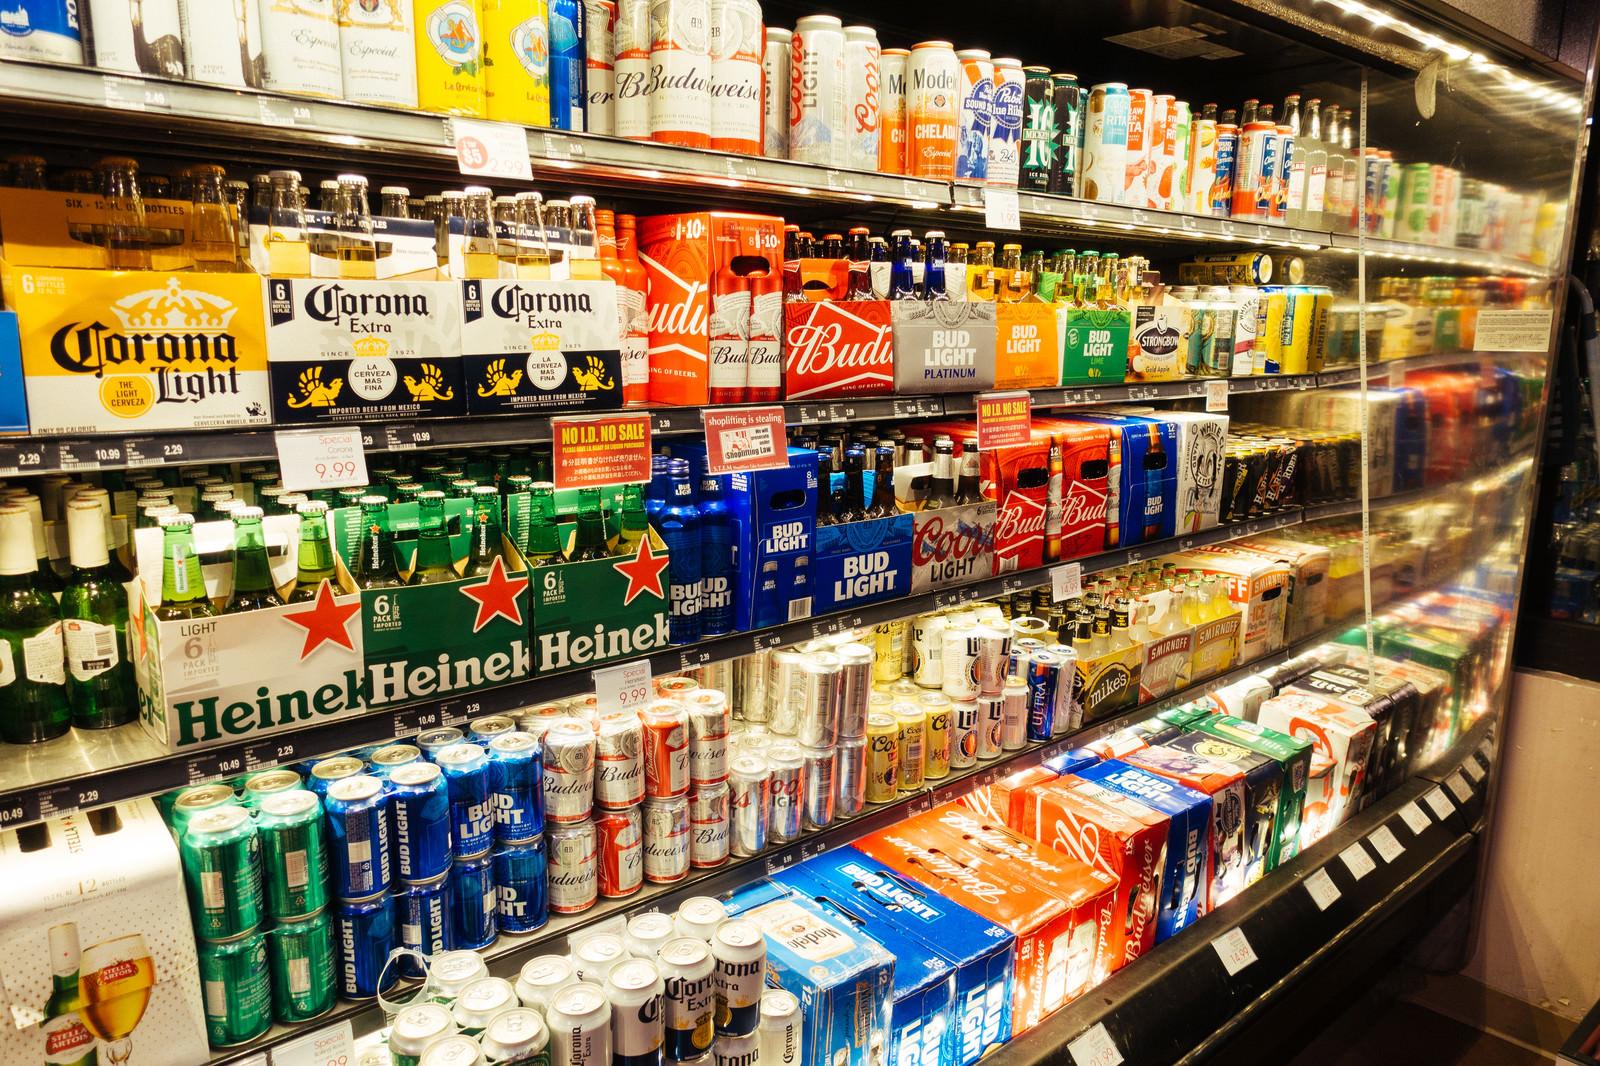 「パッケージデザインがポップな外国製ビール棚」